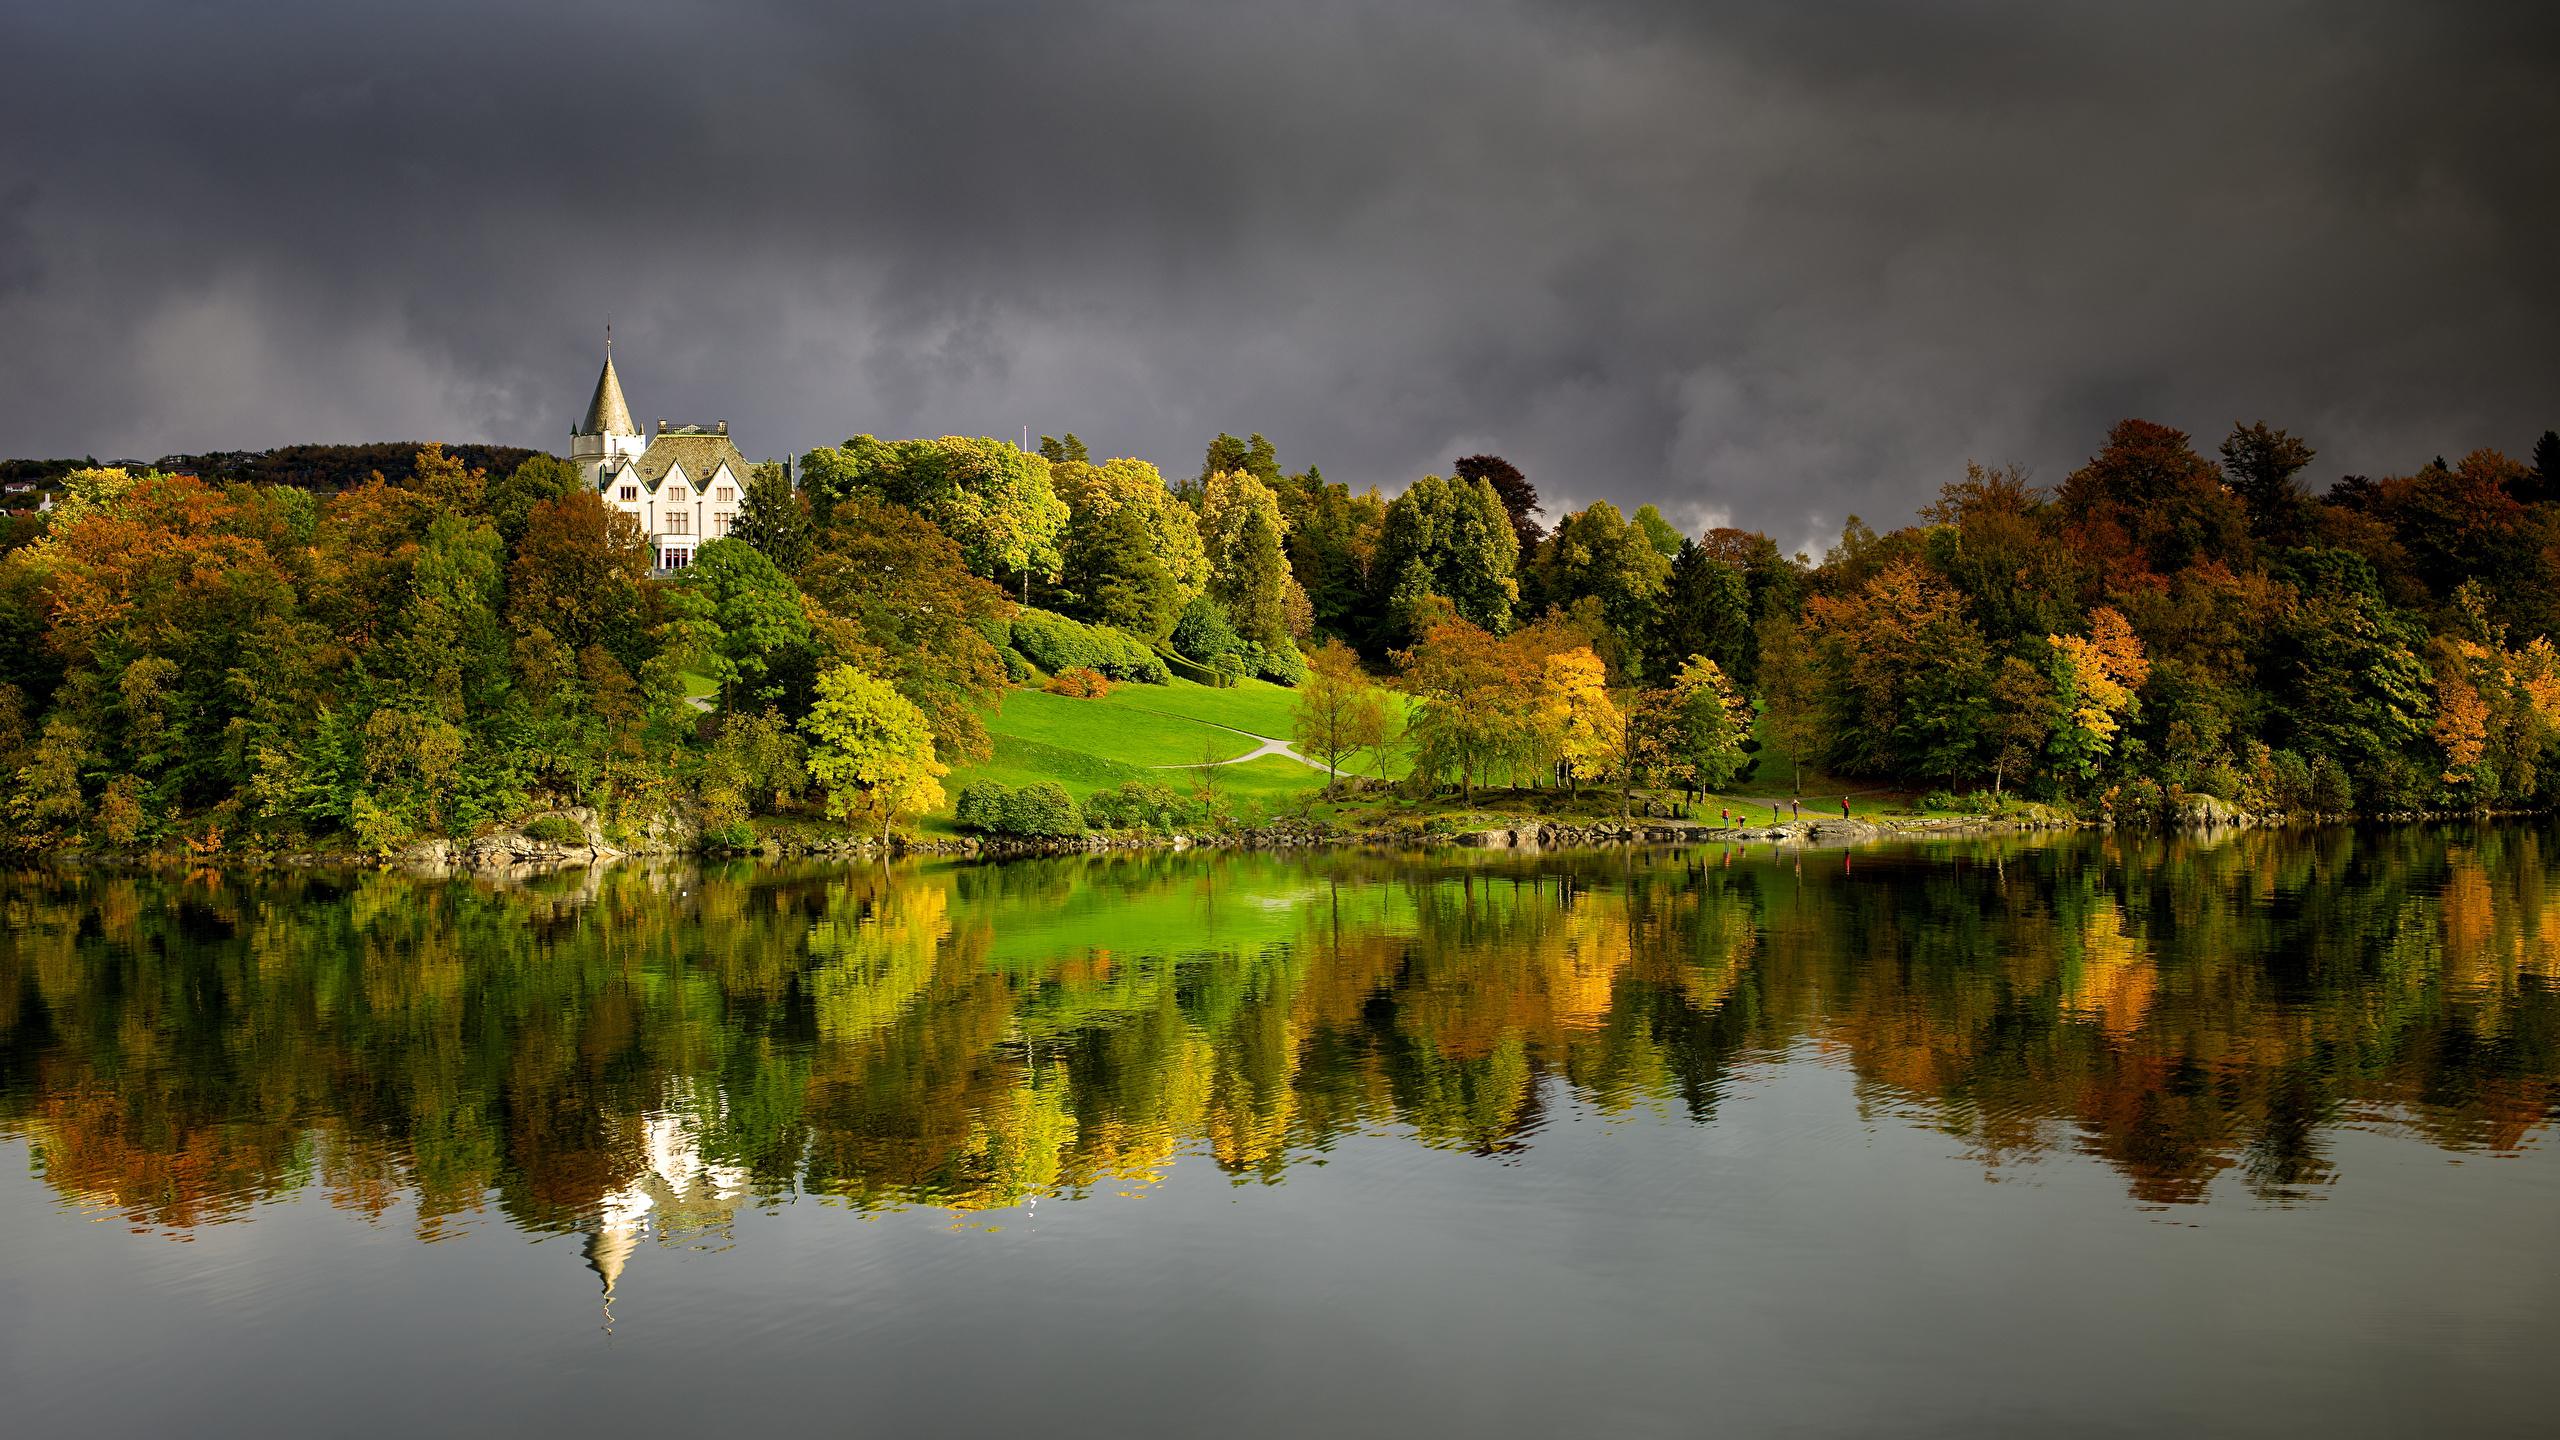 Desktop Wallpapers Bergen Norway Gamlehaugen Autumn Nature 2560x1440